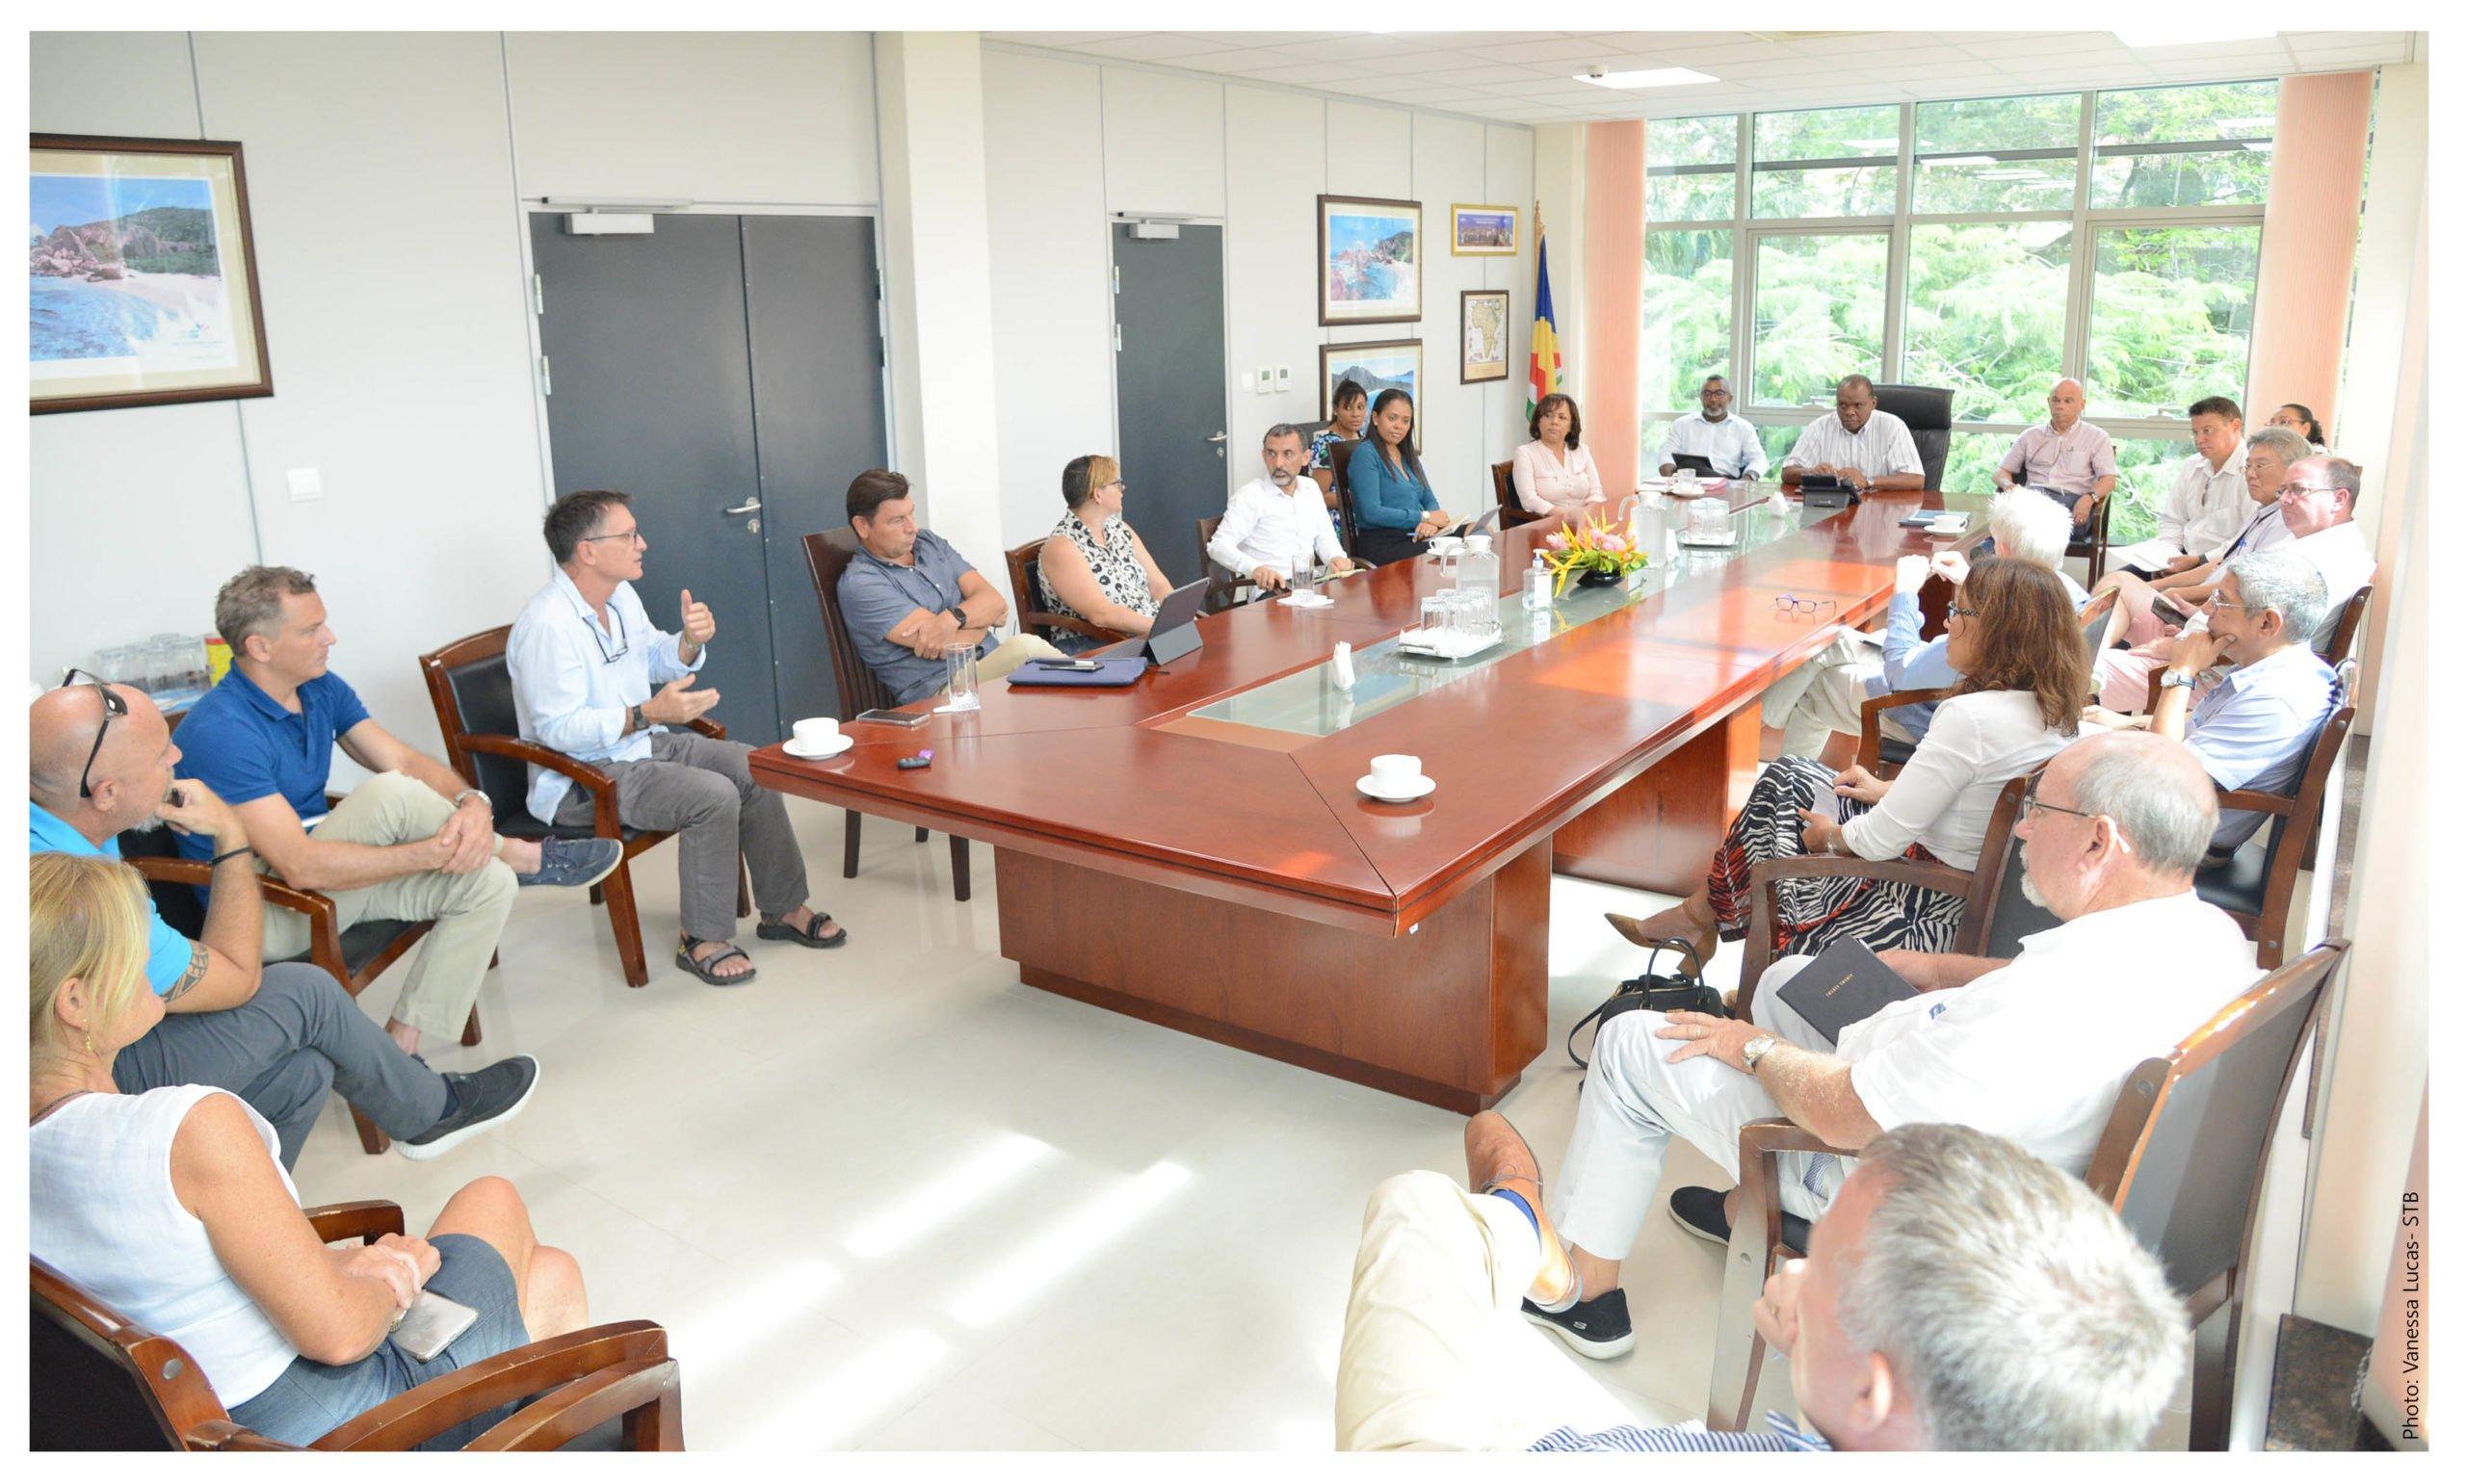 Les acteurs du tourisme aux Seychelles se réunissent pour discuter des stratégies de relance de l'industrie